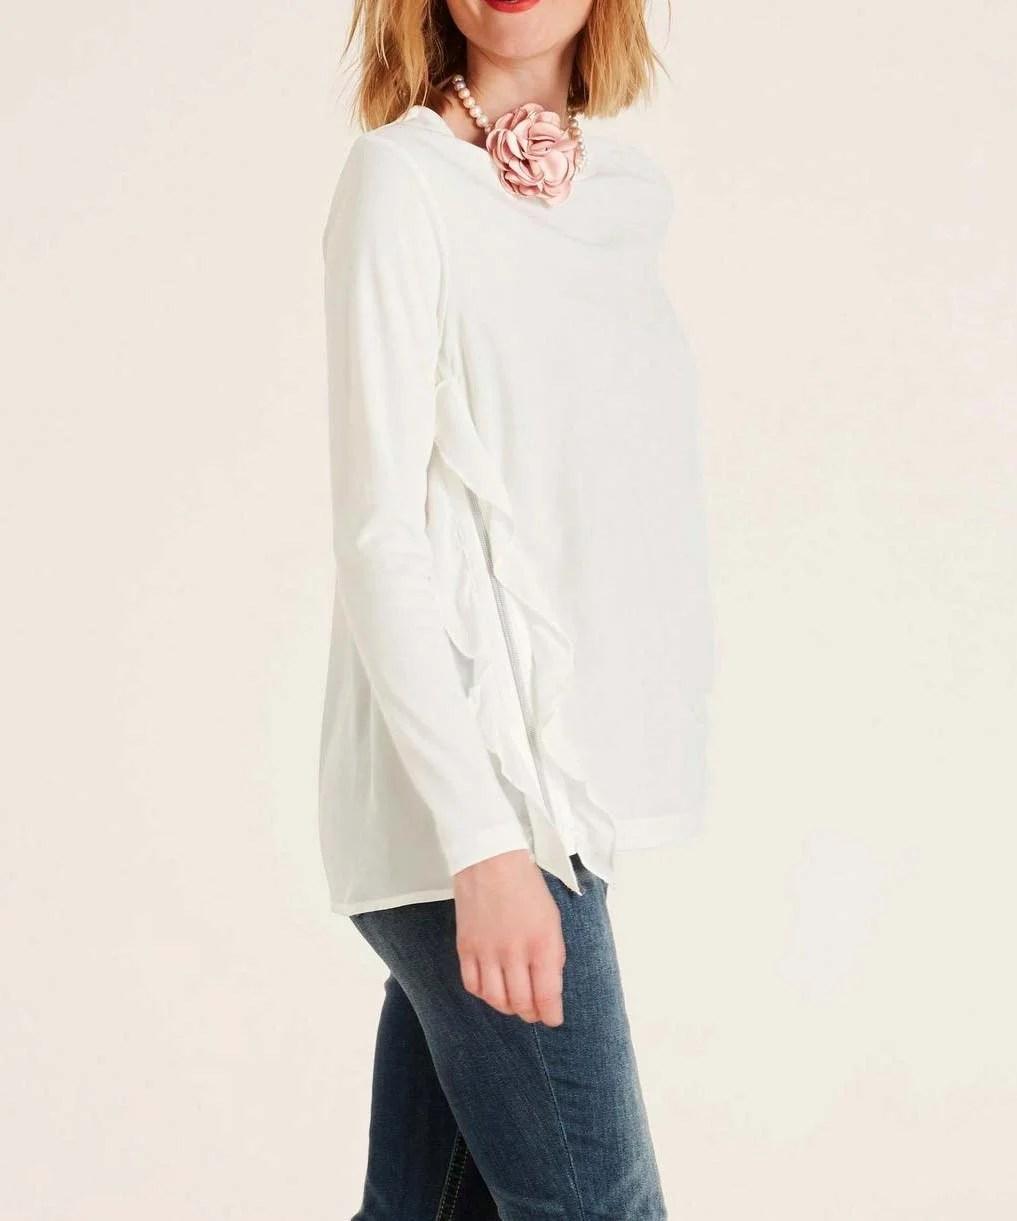 879.349 HEINE Damen Designer-Rüschen-Shirt m. Reißverschluss Weiß